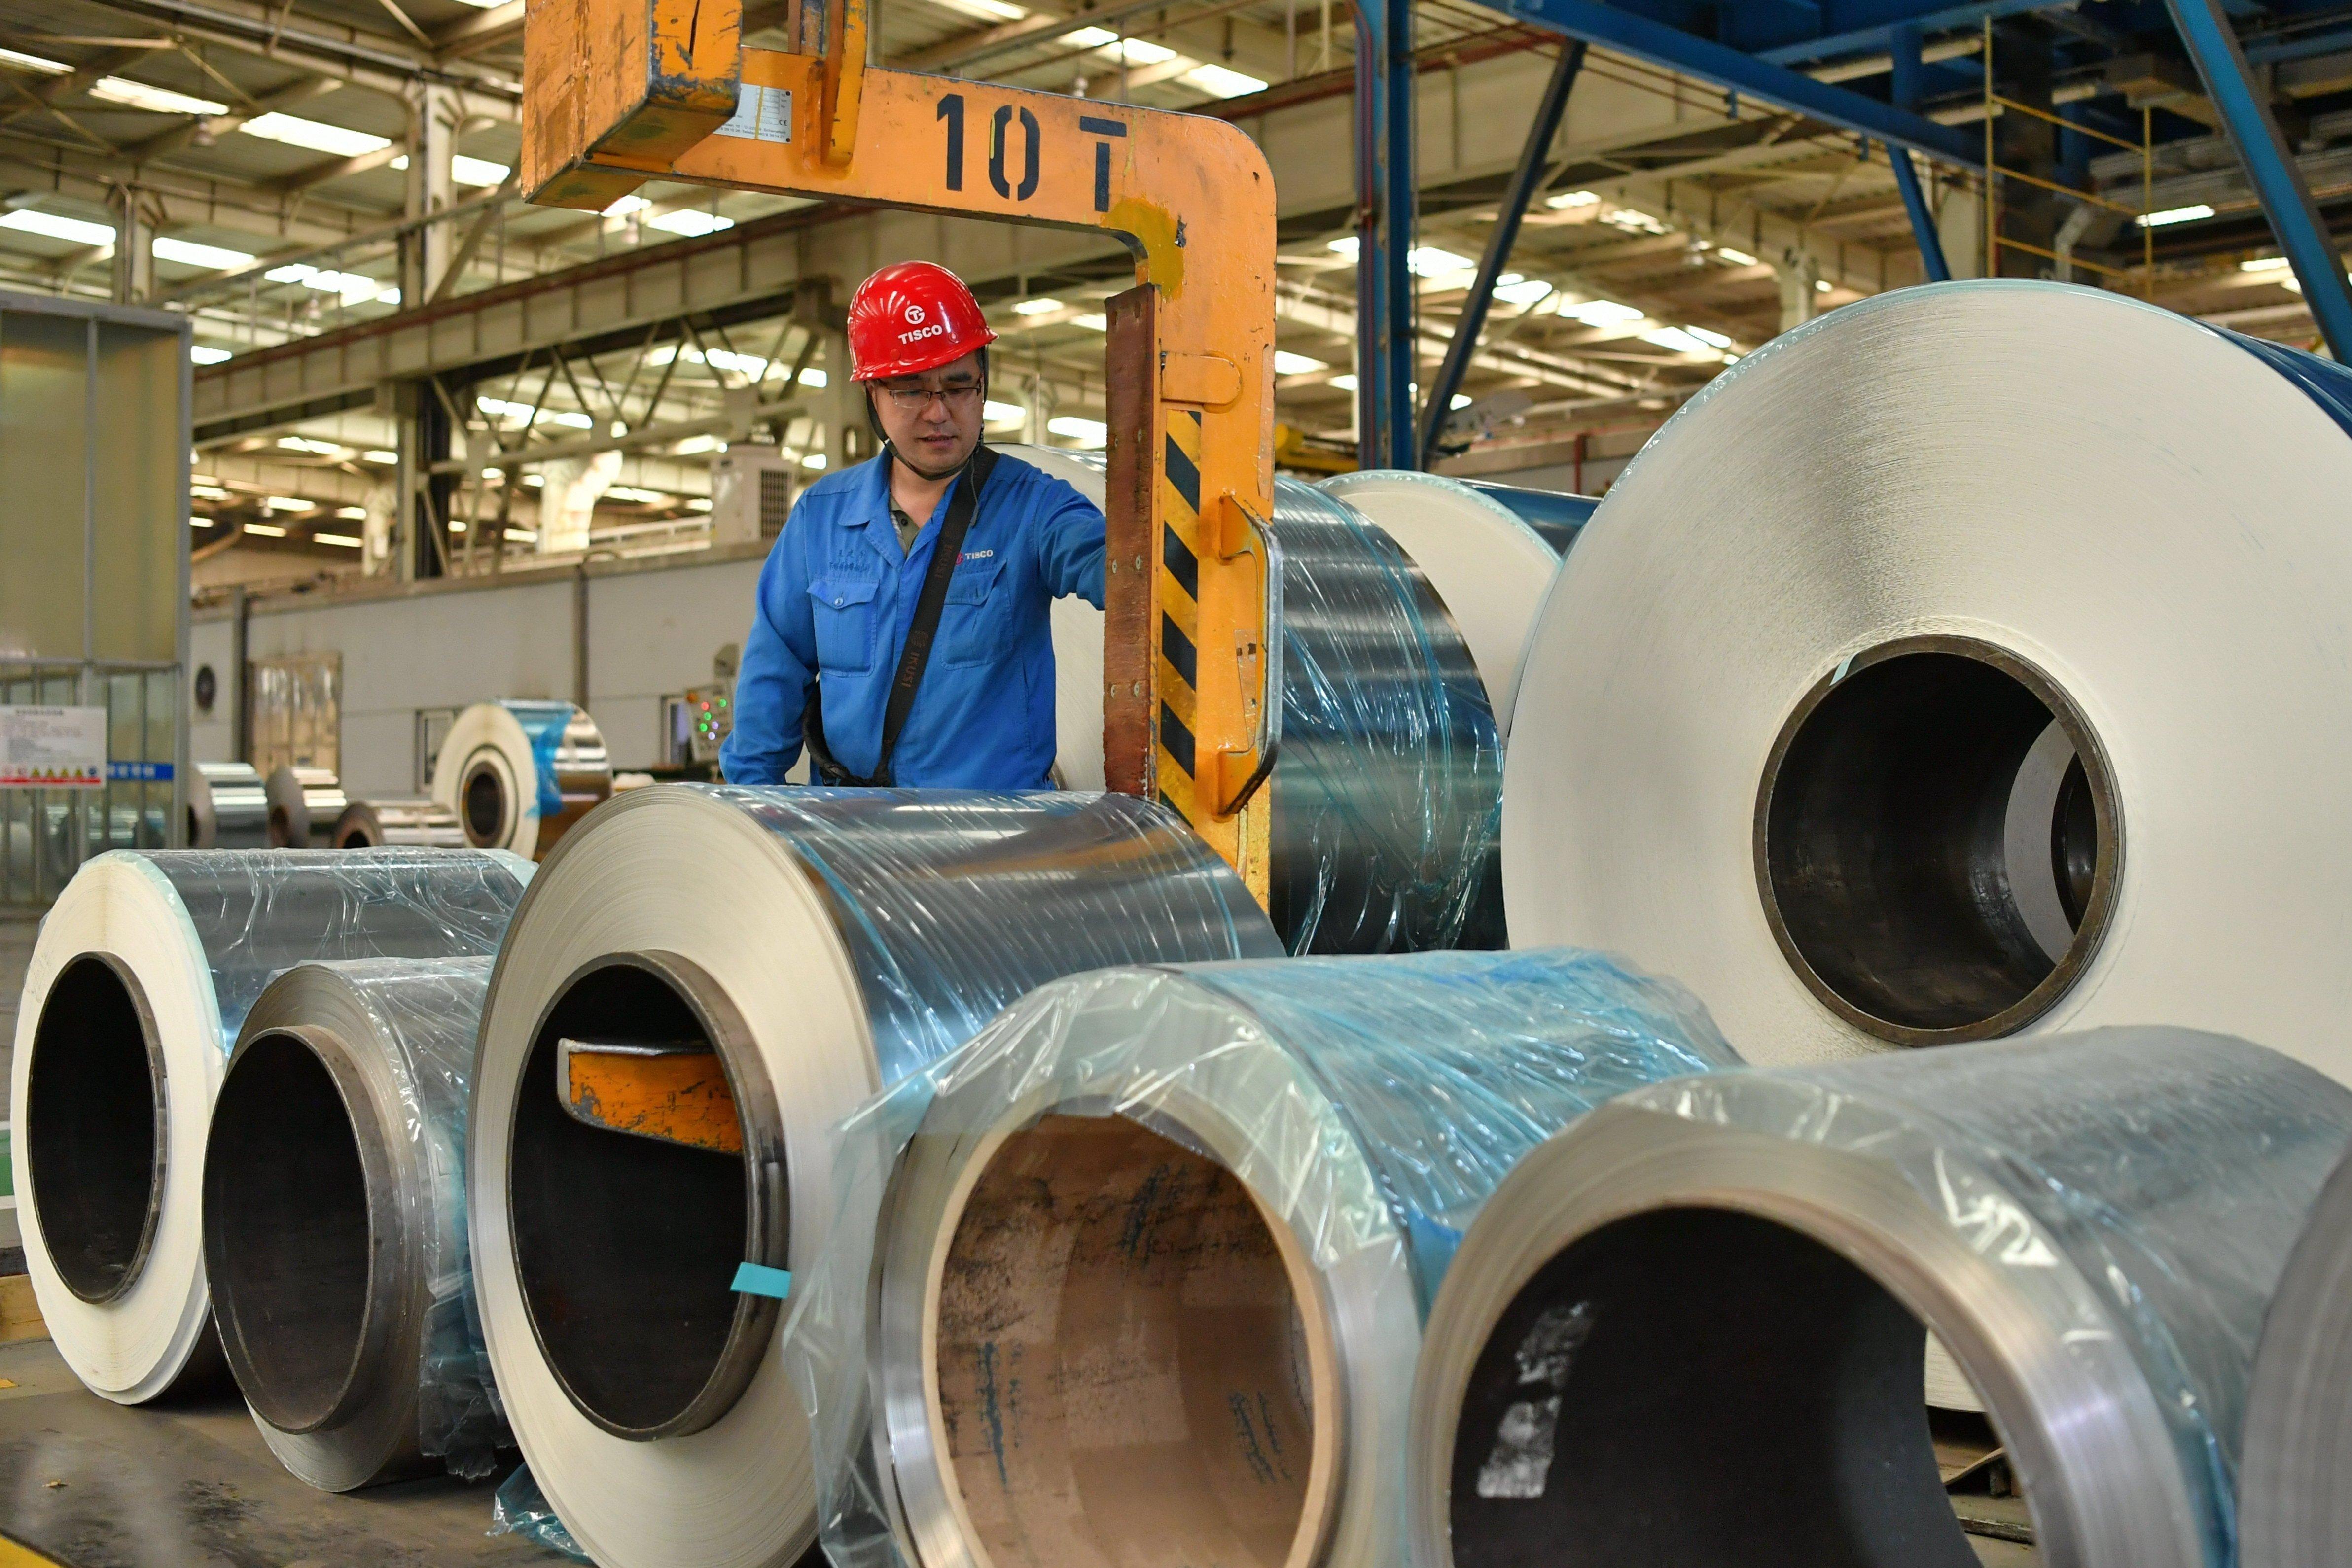 太钢集团员工在操控超薄带状不锈钢的移动设备(5月24日摄)。新华社记者 曹阳 摄.JPG